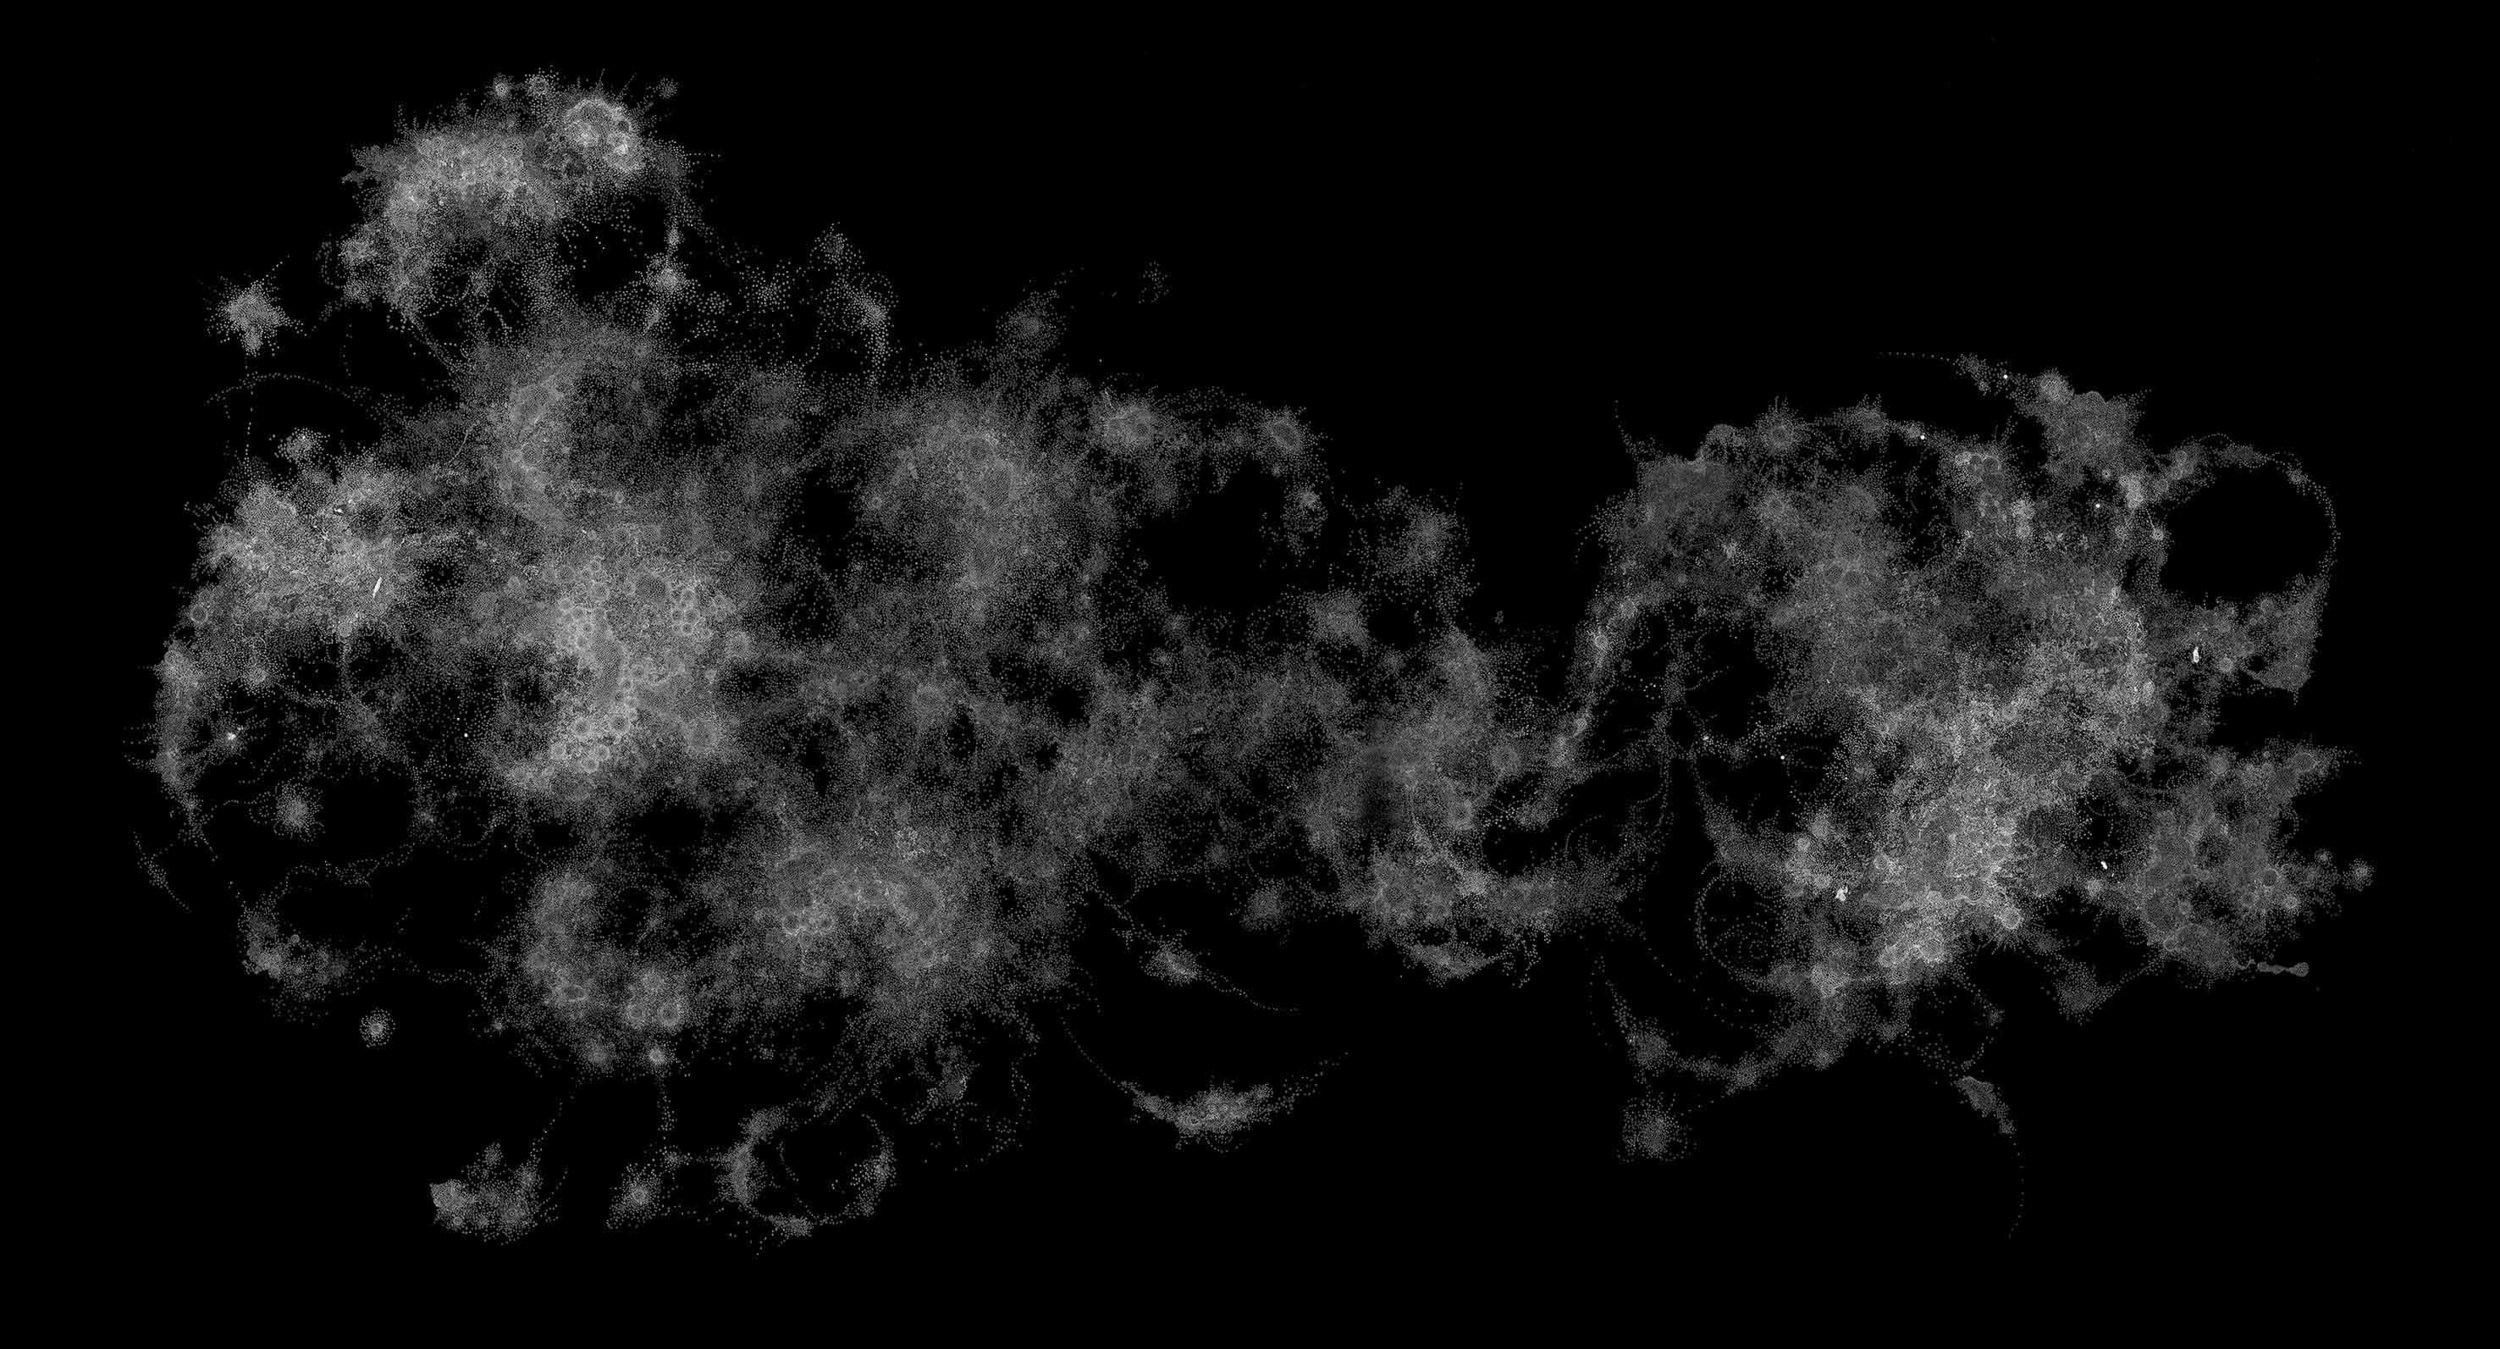 Nebula drawing .jpg